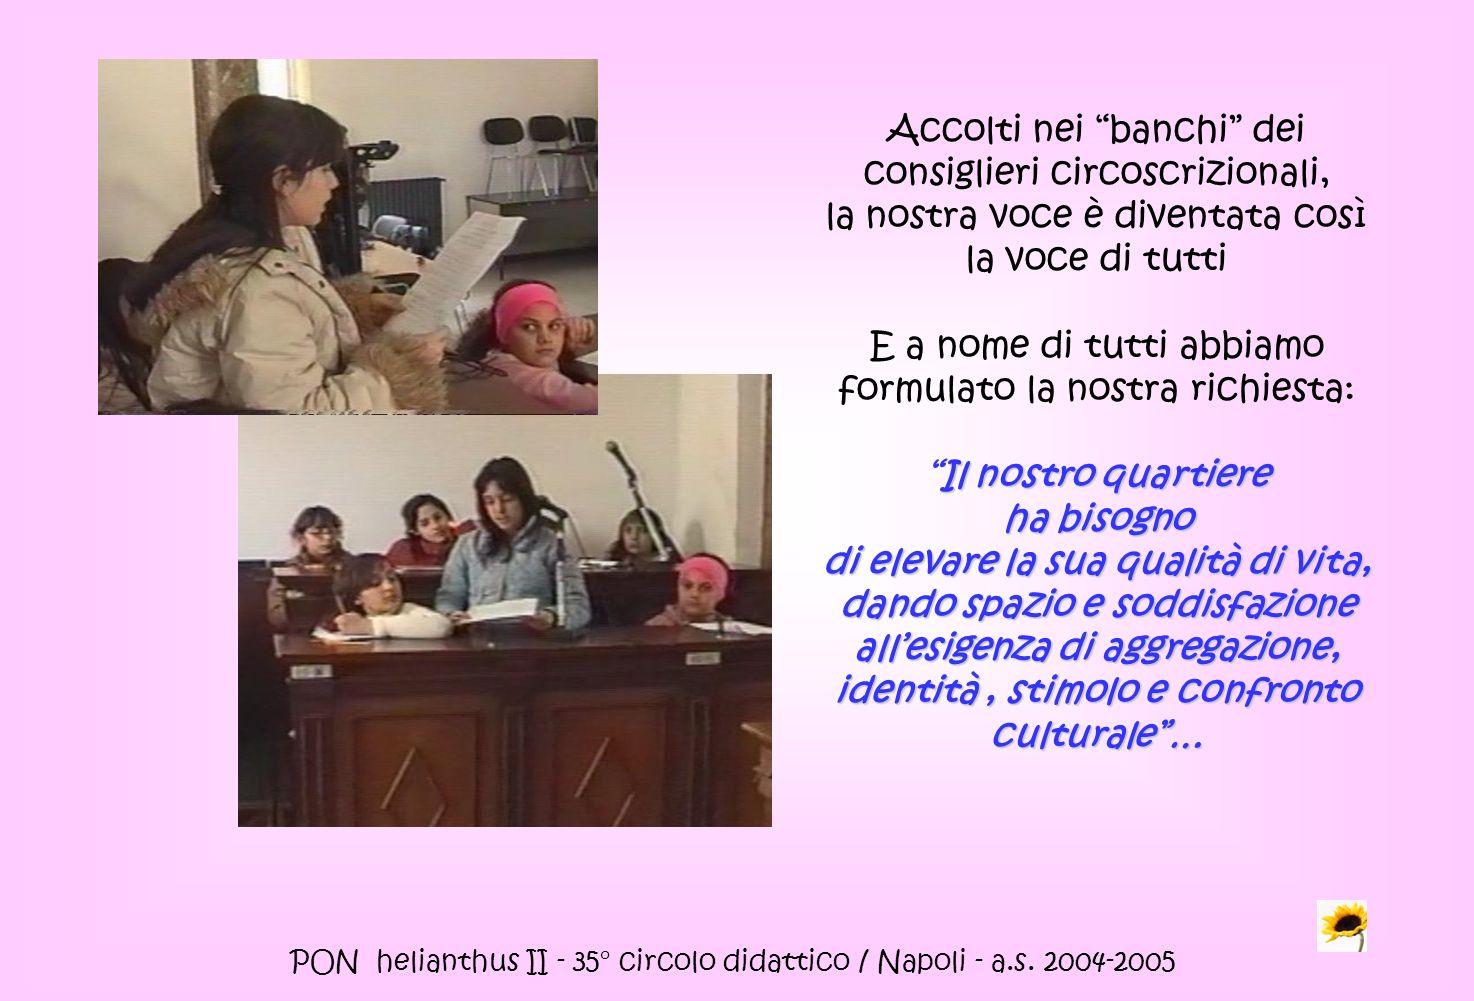 PON helianthus II - 35° circolo didattico / Napoli - a.s. 2004-2005 Accolti nei banchi dei consiglieri circoscrizionali, la nostra voce è diventata co